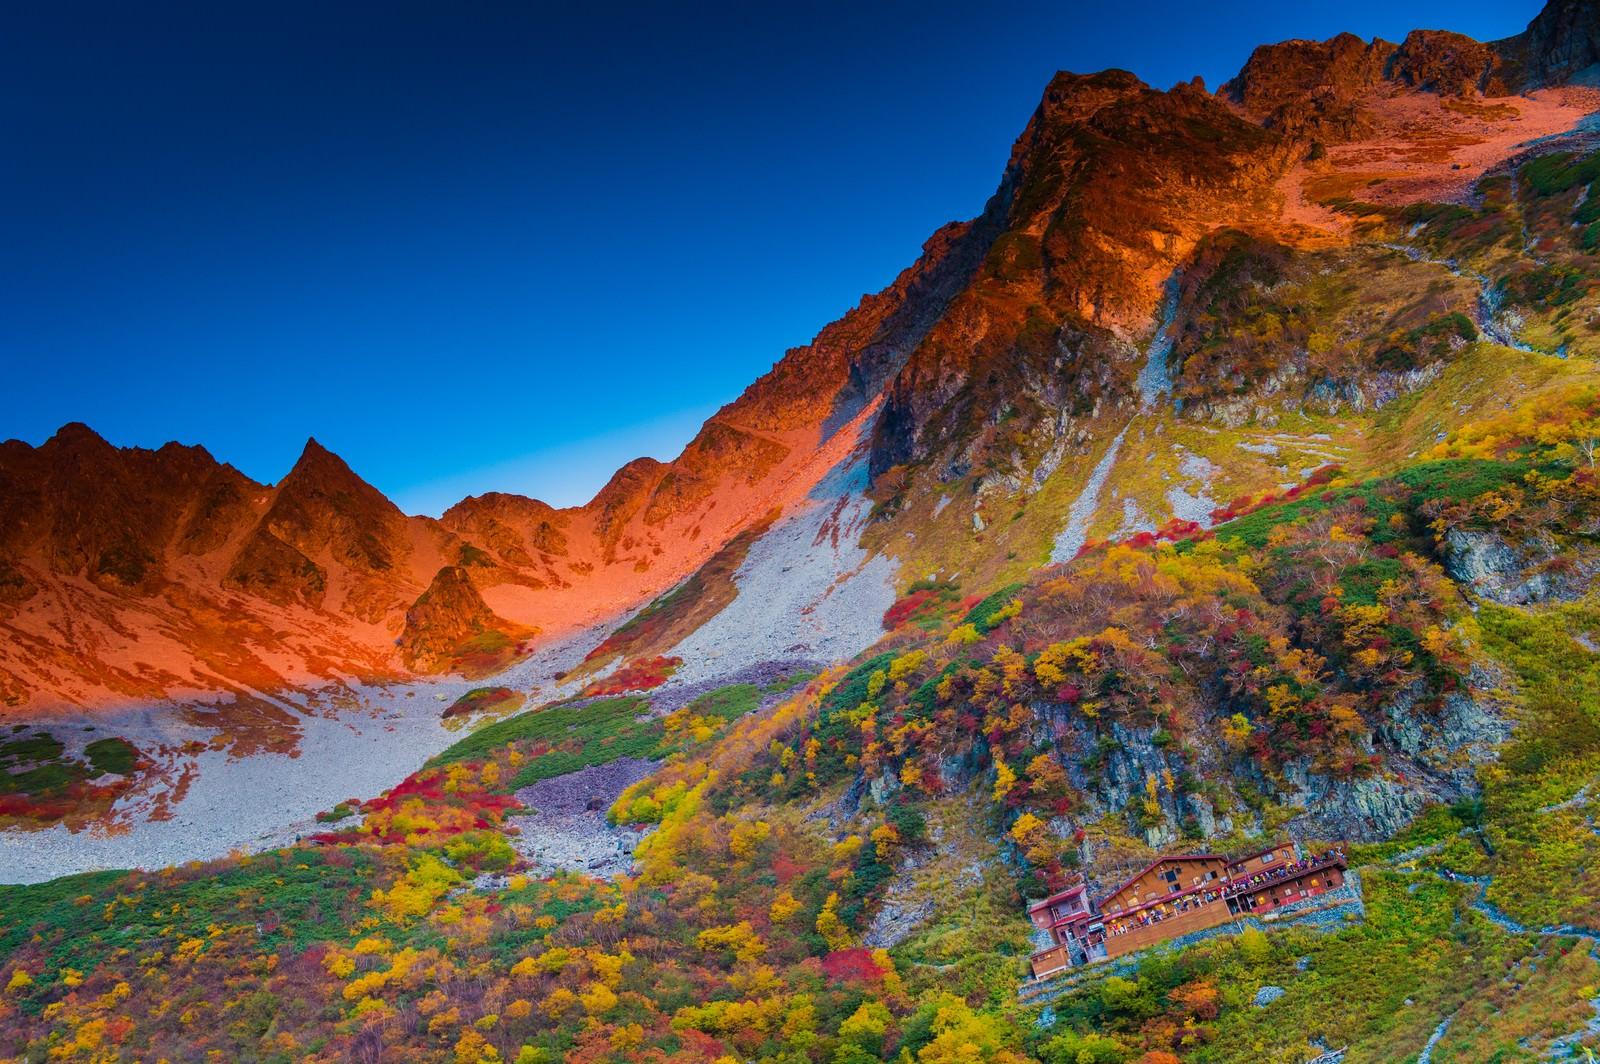 「紅葉の涸沢カールとモルゲンロート紅葉の涸沢カールとモルゲンロート」のフリー写真素材を拡大